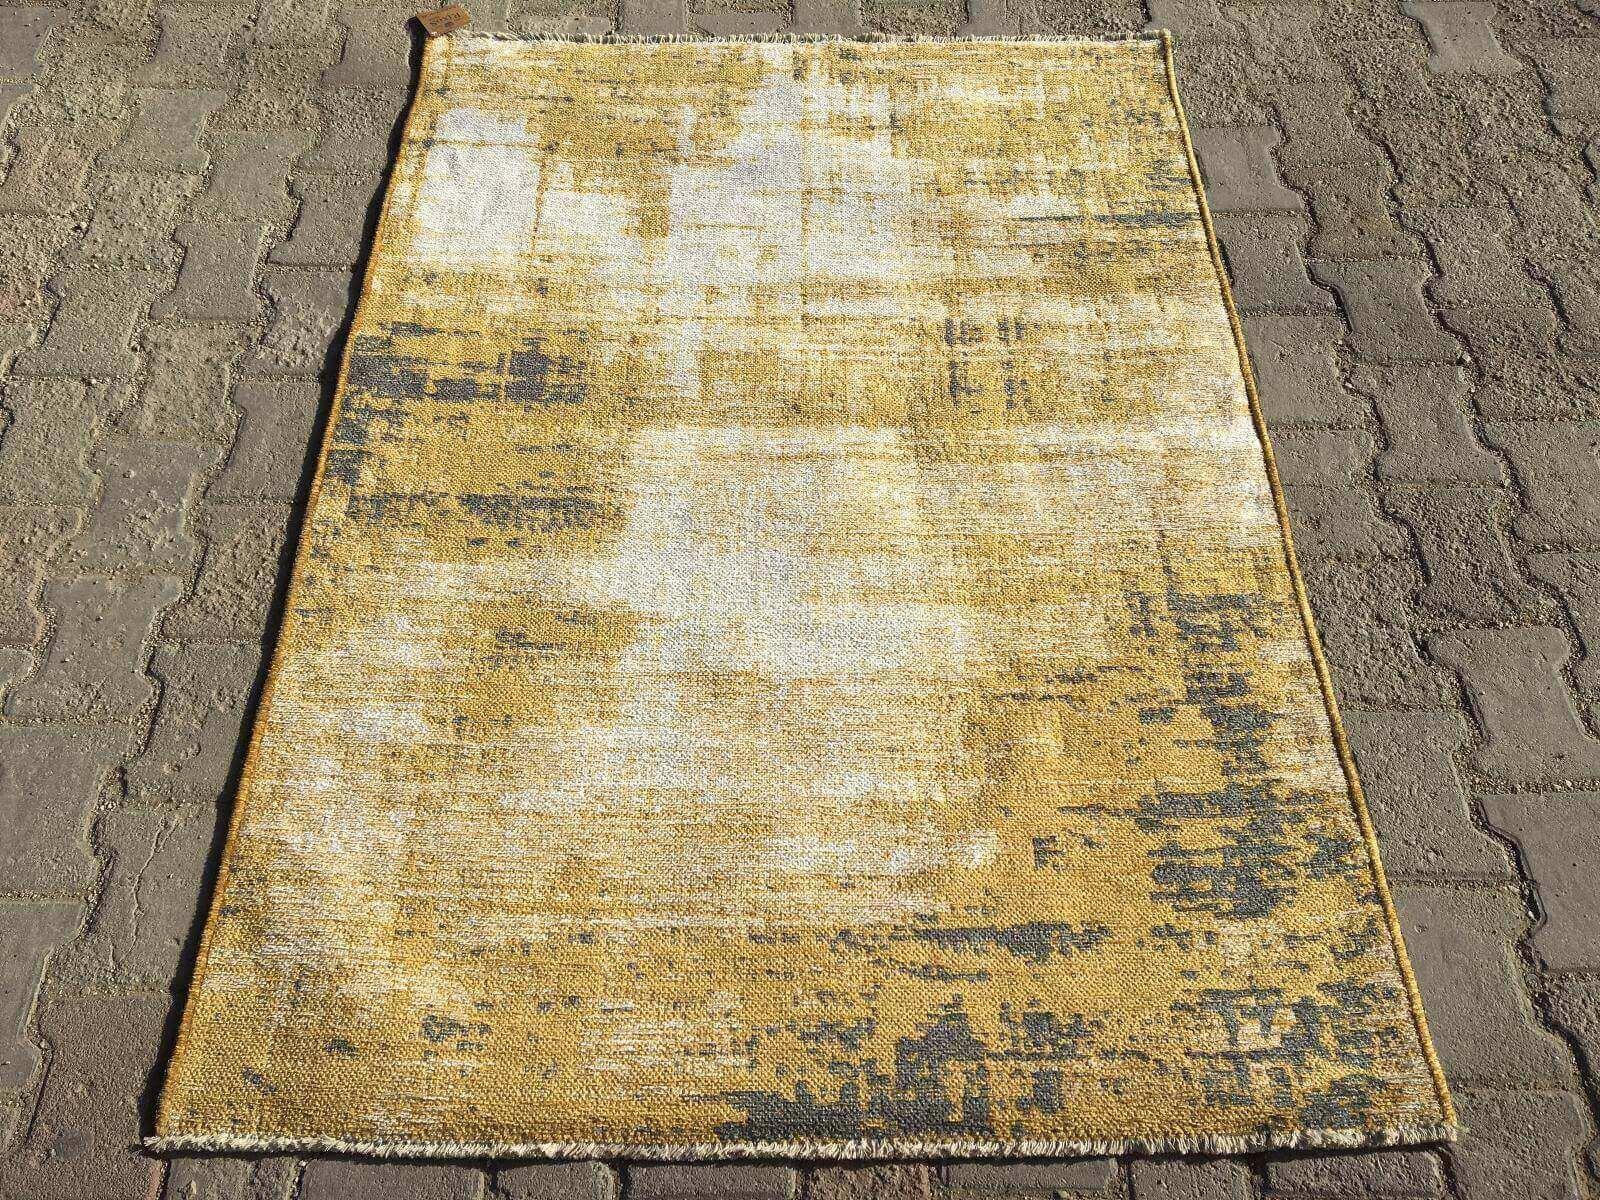 COTTON LÜX KİLİM GRİ SARI 120X180 Cotton Lux Kilim Dekoratif Kilim